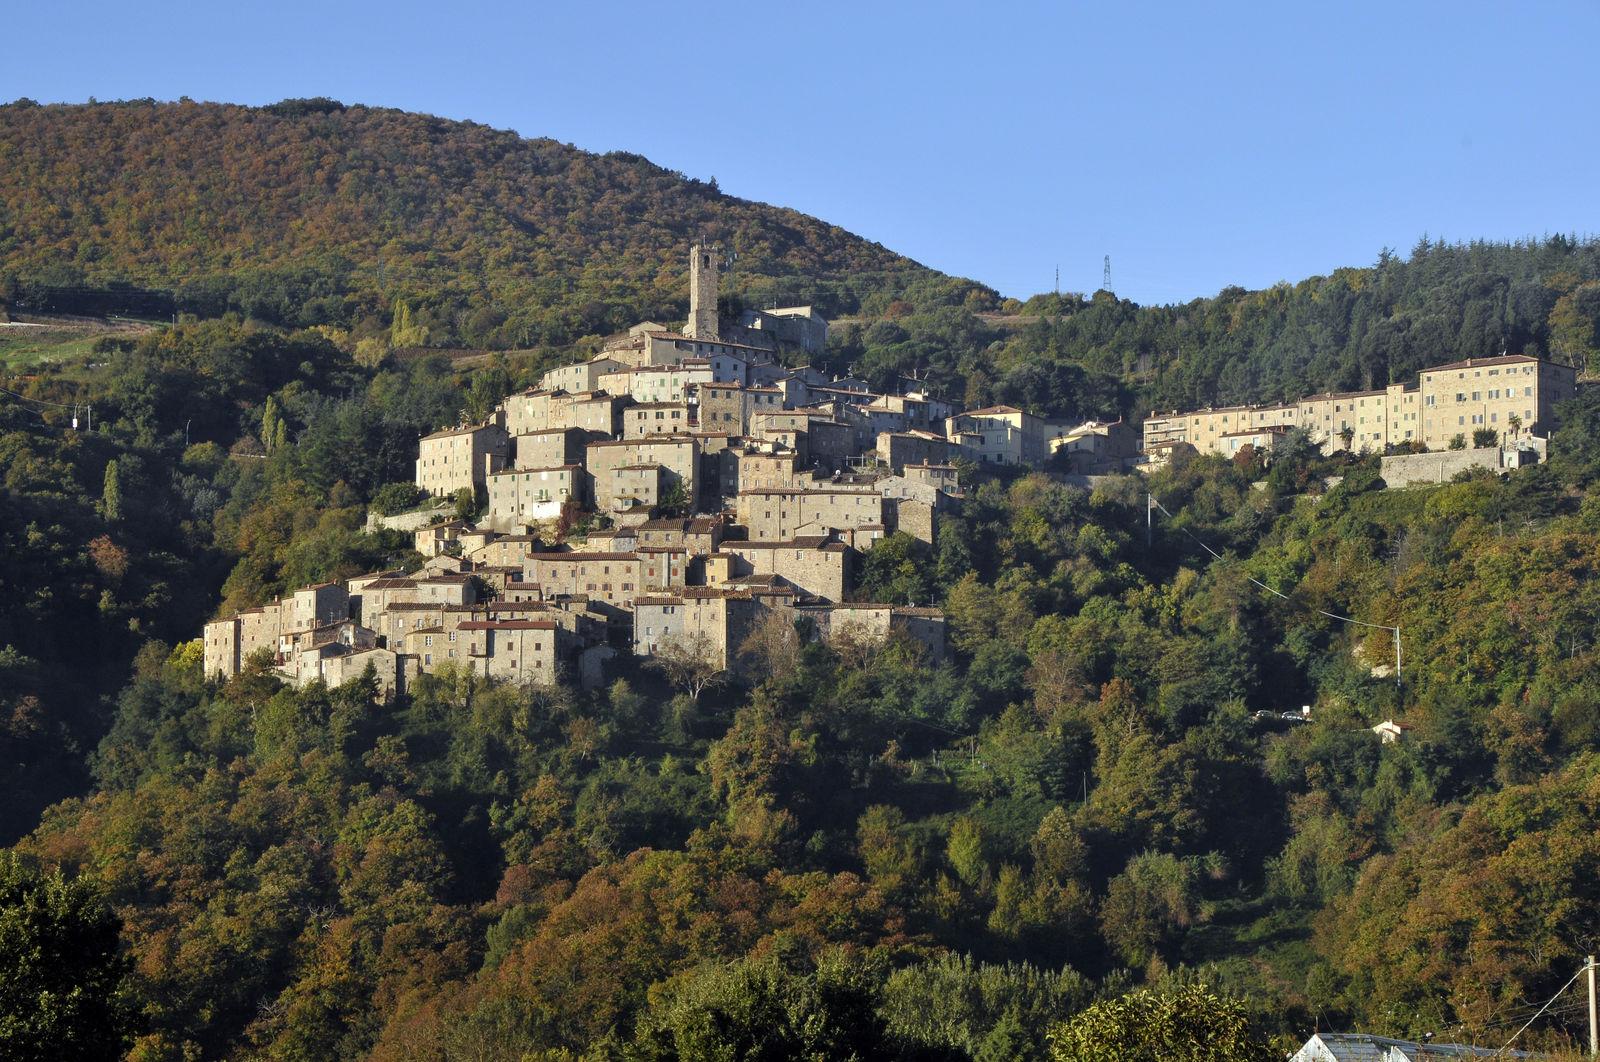 Castelnuovo di Val di Cecina - Un borgo fra le nuvole - Toscana Ovunque Bella